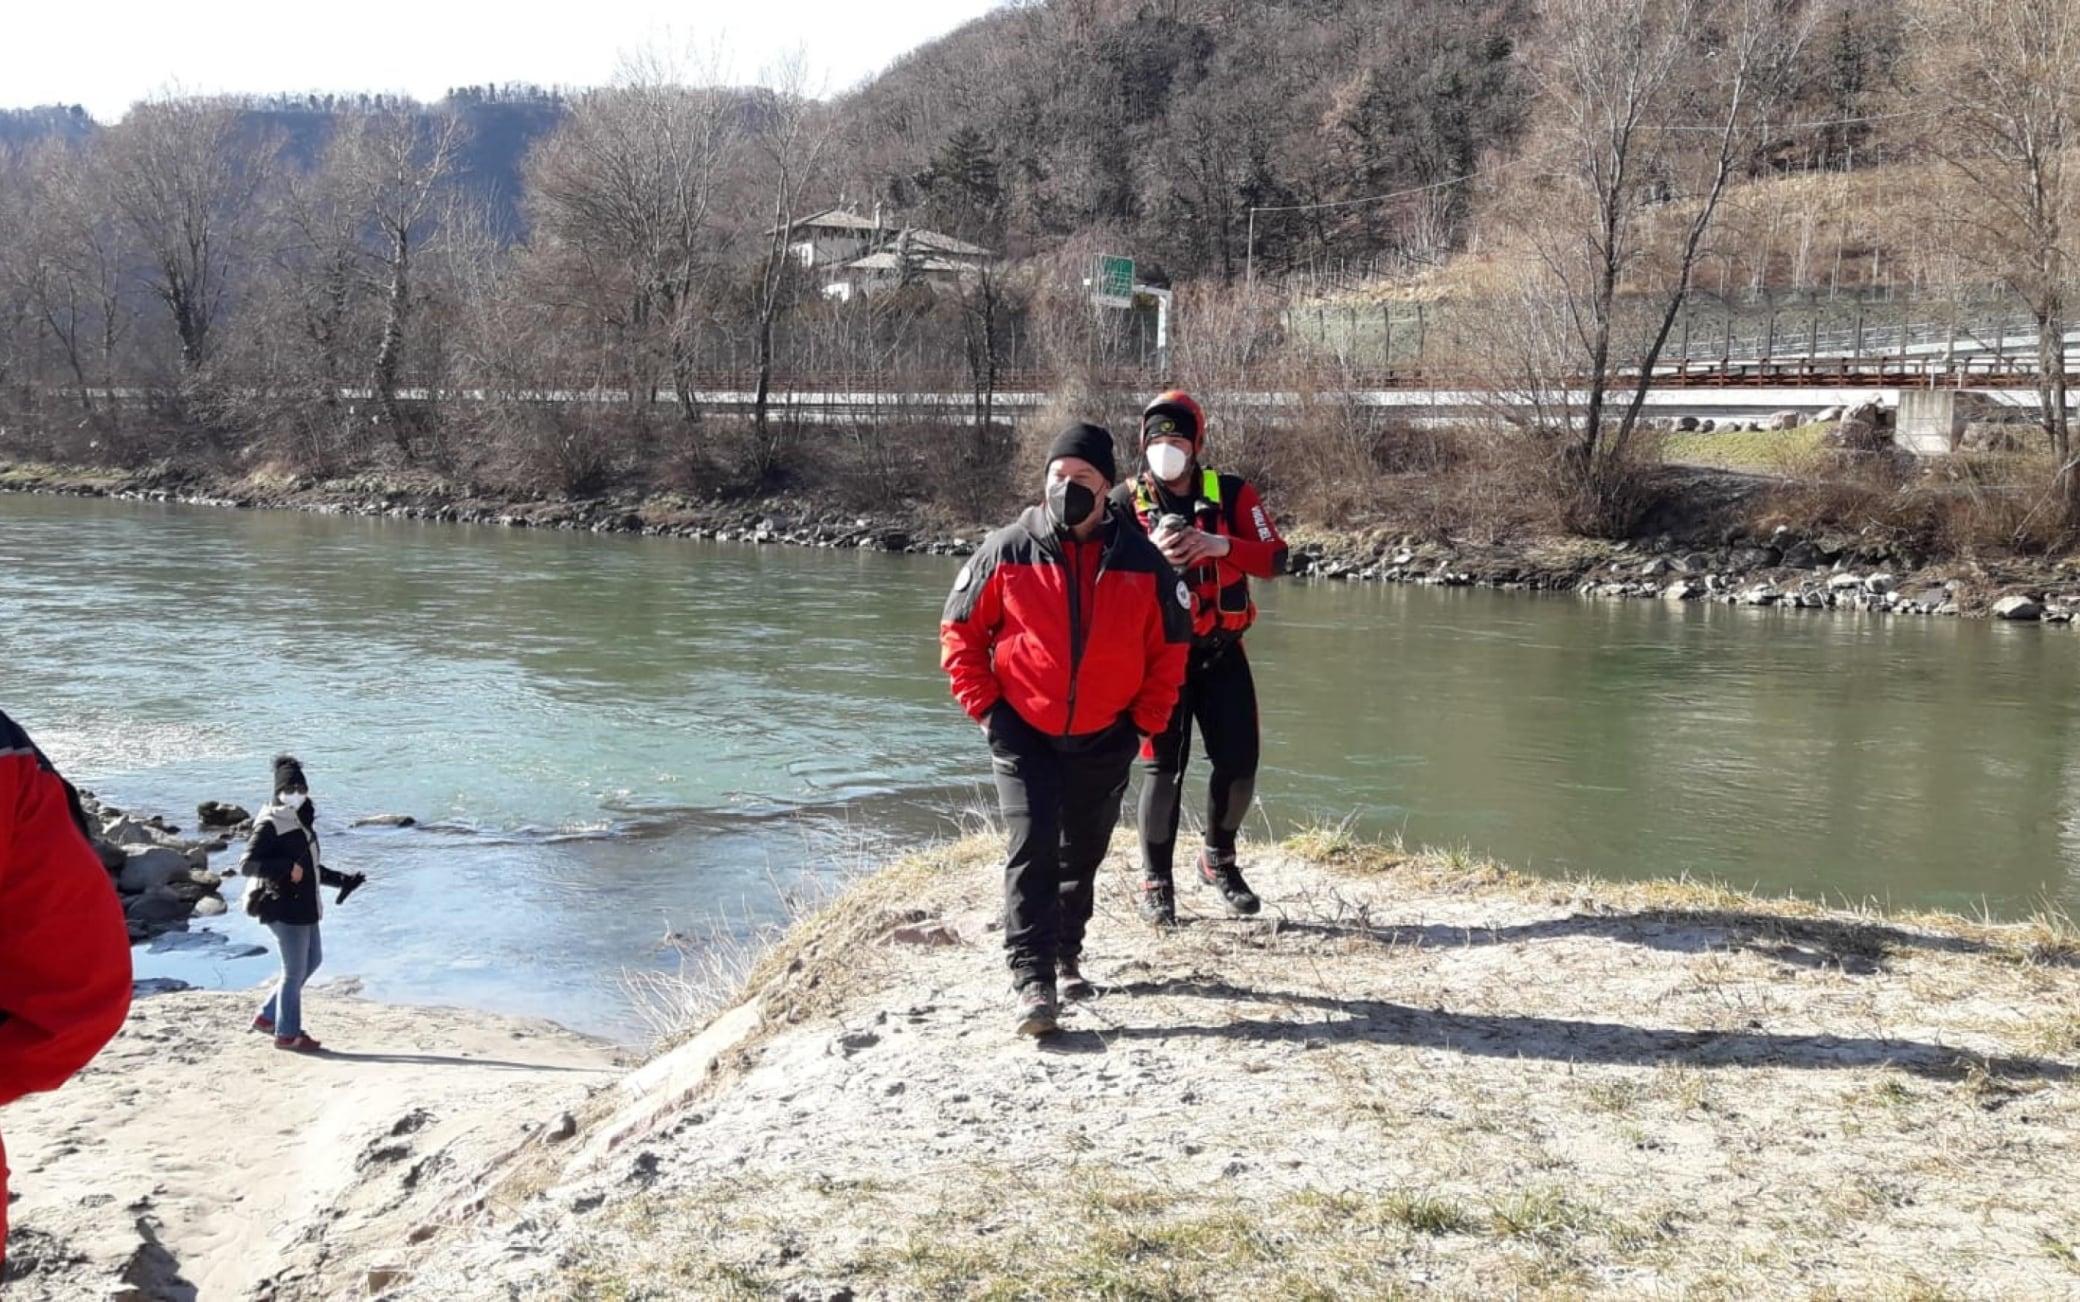 E' iniziata la maxi battuta di ricerca sull'Adige per trovare la salma di Peter Neumair. Il fiume è stato nuovamente abbassato e sul posto si trovano centinaia di centinaia di persone lungo le rive, come anche sette unità cinofile della polizia tedesca specializzate nella ricerca in acqua. ANSA/US VIGILI DEL FUOCO +++ NO SALES, EDITORIAL USE ONLY ++